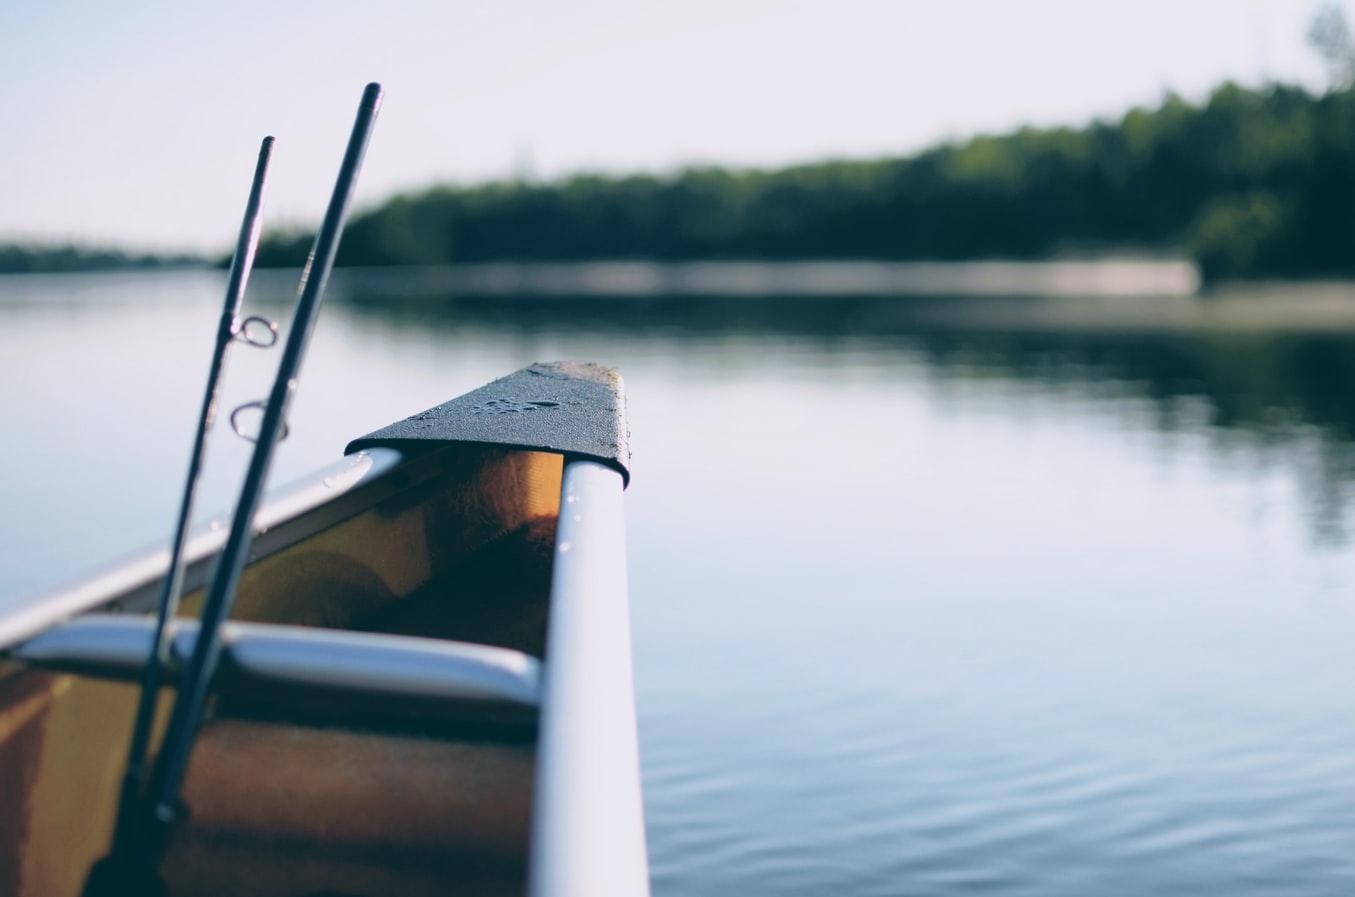 nov1 - Brug det rigtige fiskeudstyr, når du skal afsted!